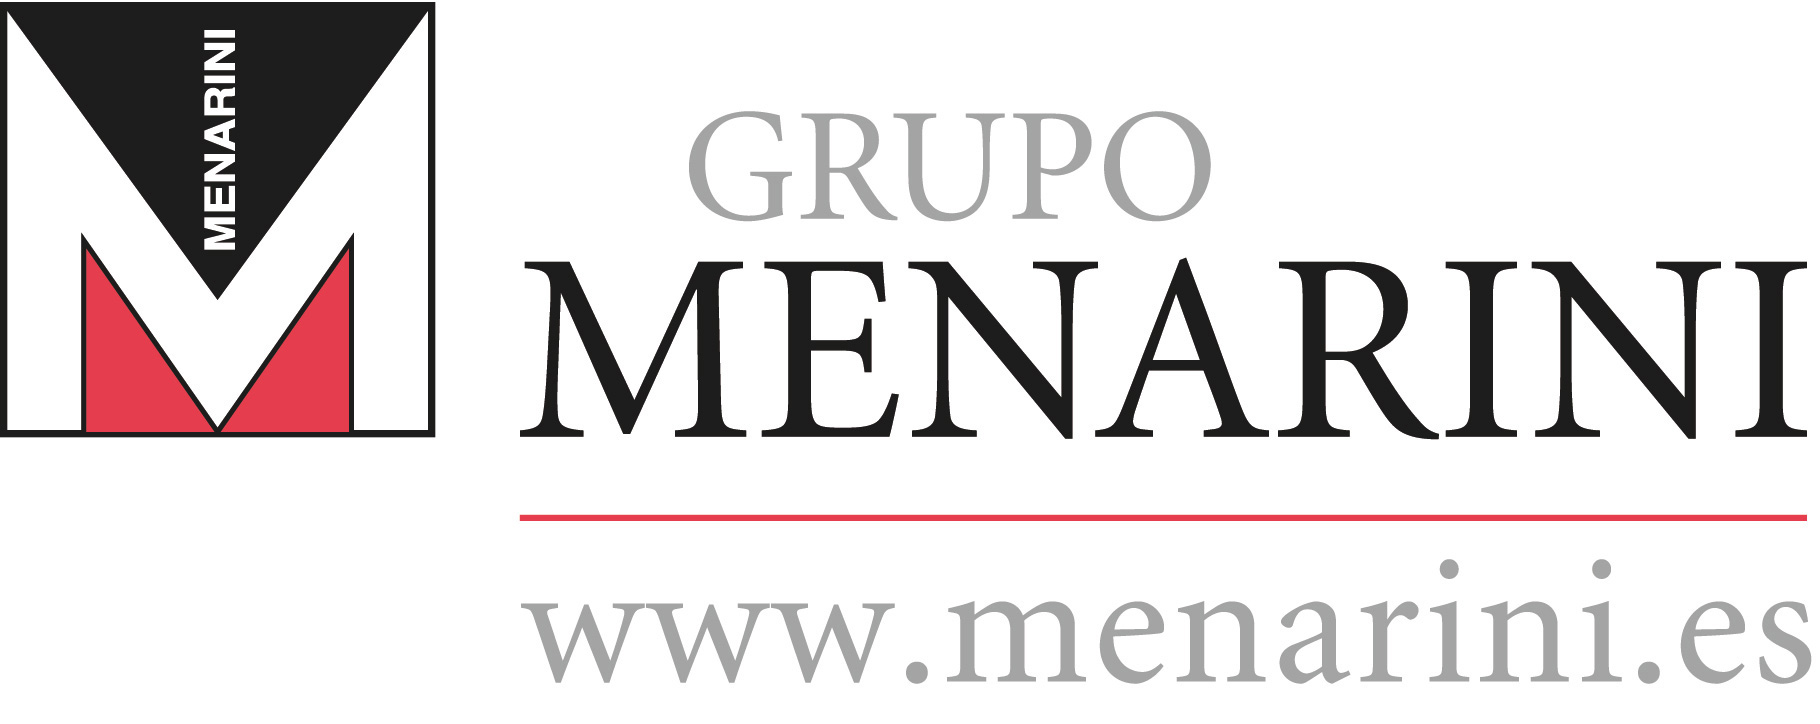 Grupo Menarini